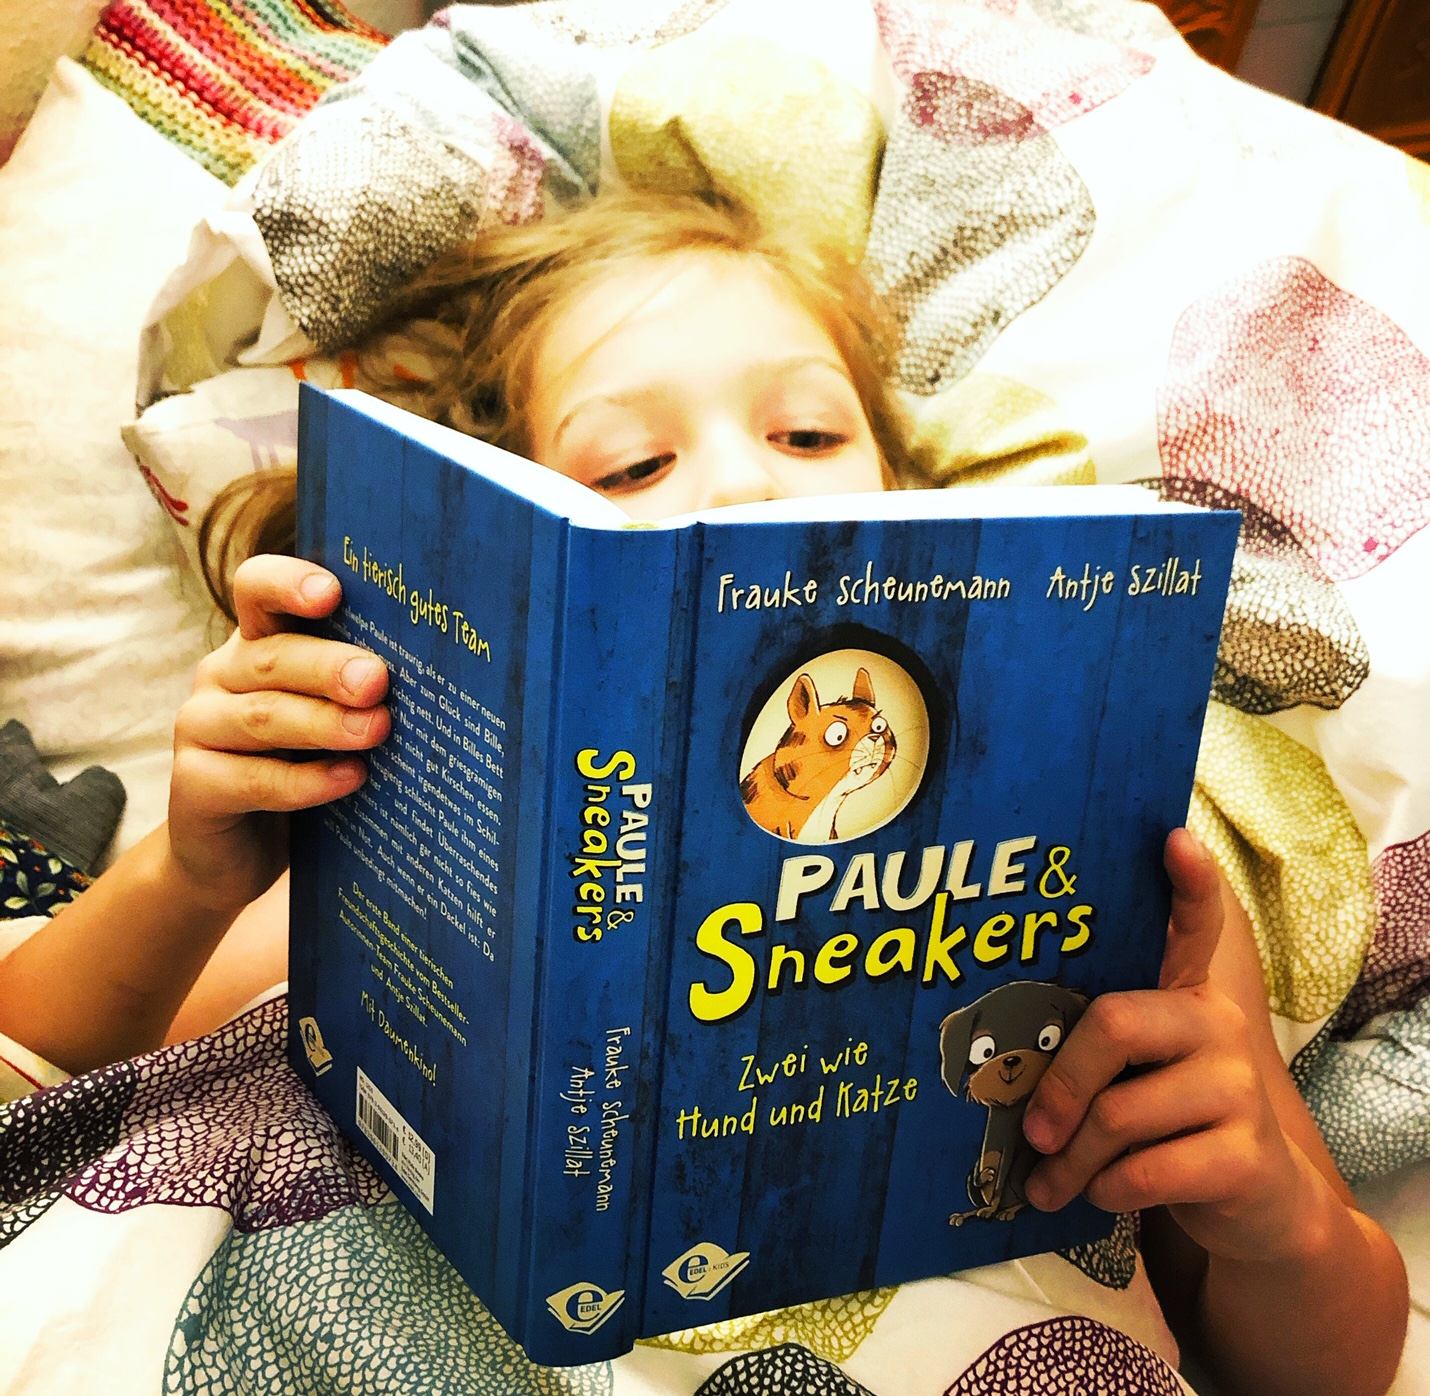 Paule & Snekaers, Edel Kids